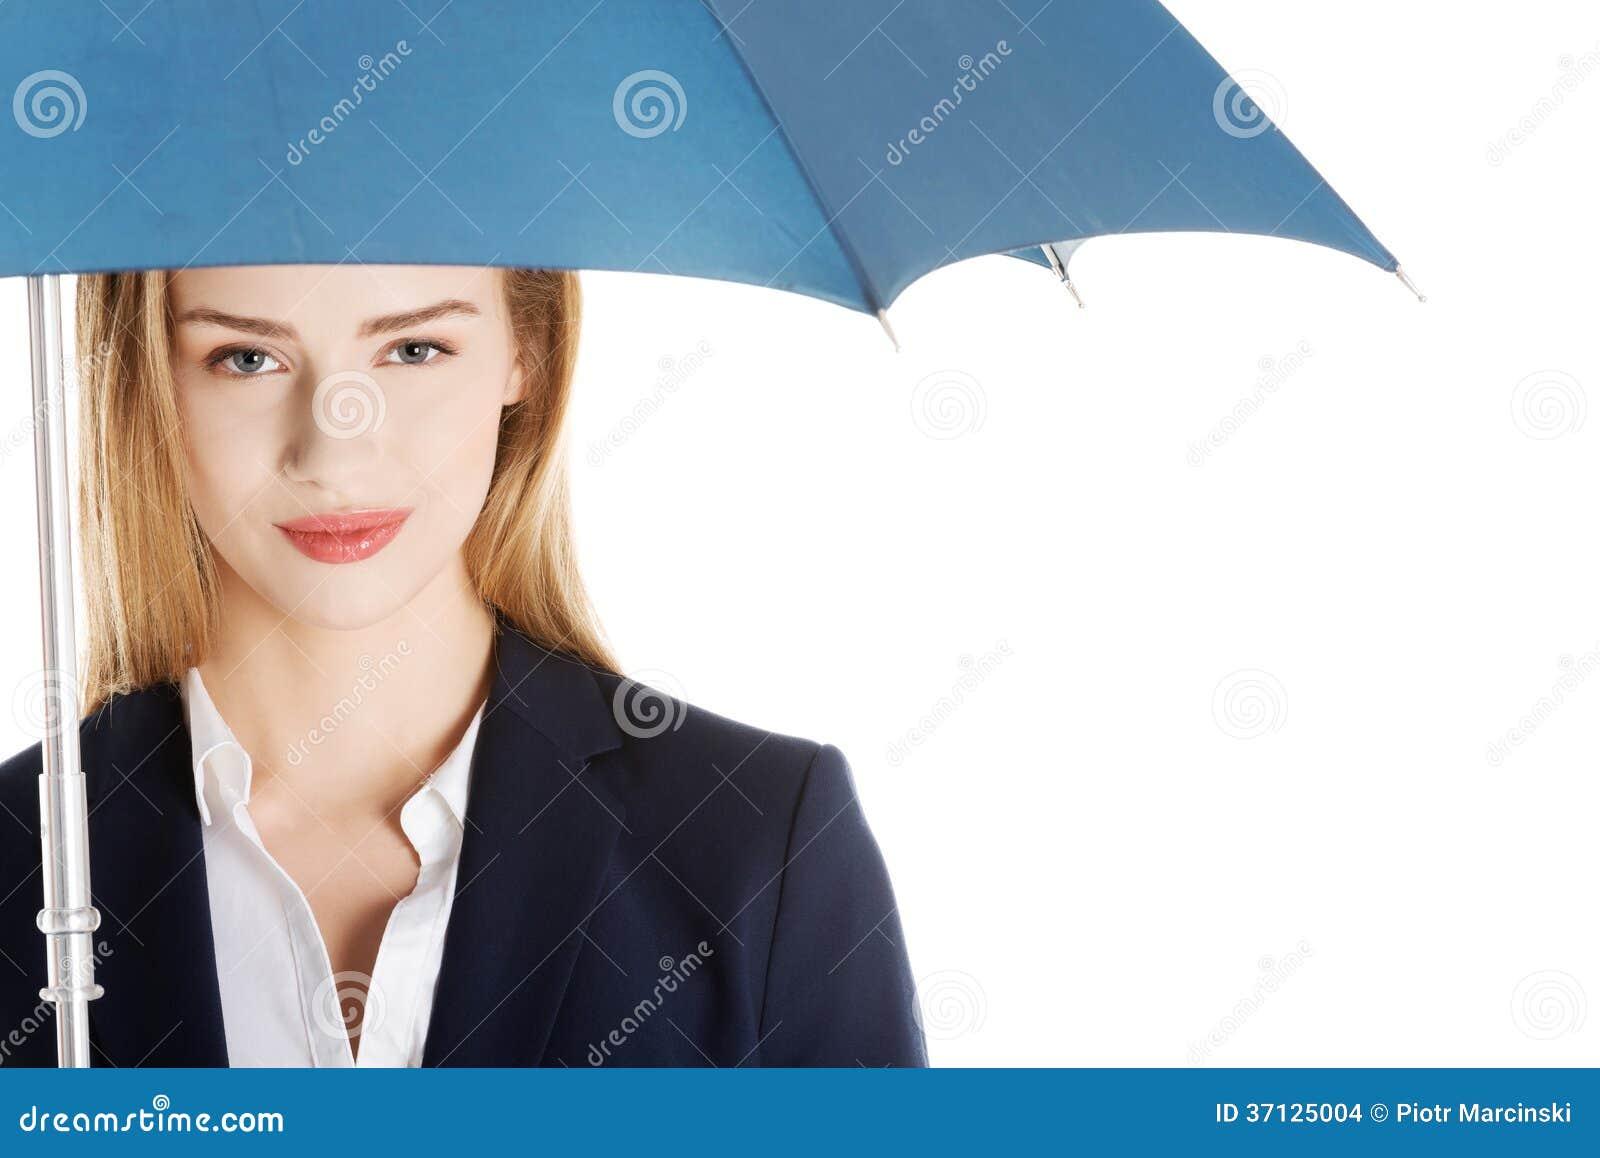 Όμορφη καυκάσια επιχειρησιακή γυναίκα που στέκεται κάτω από την ομπρέλα.